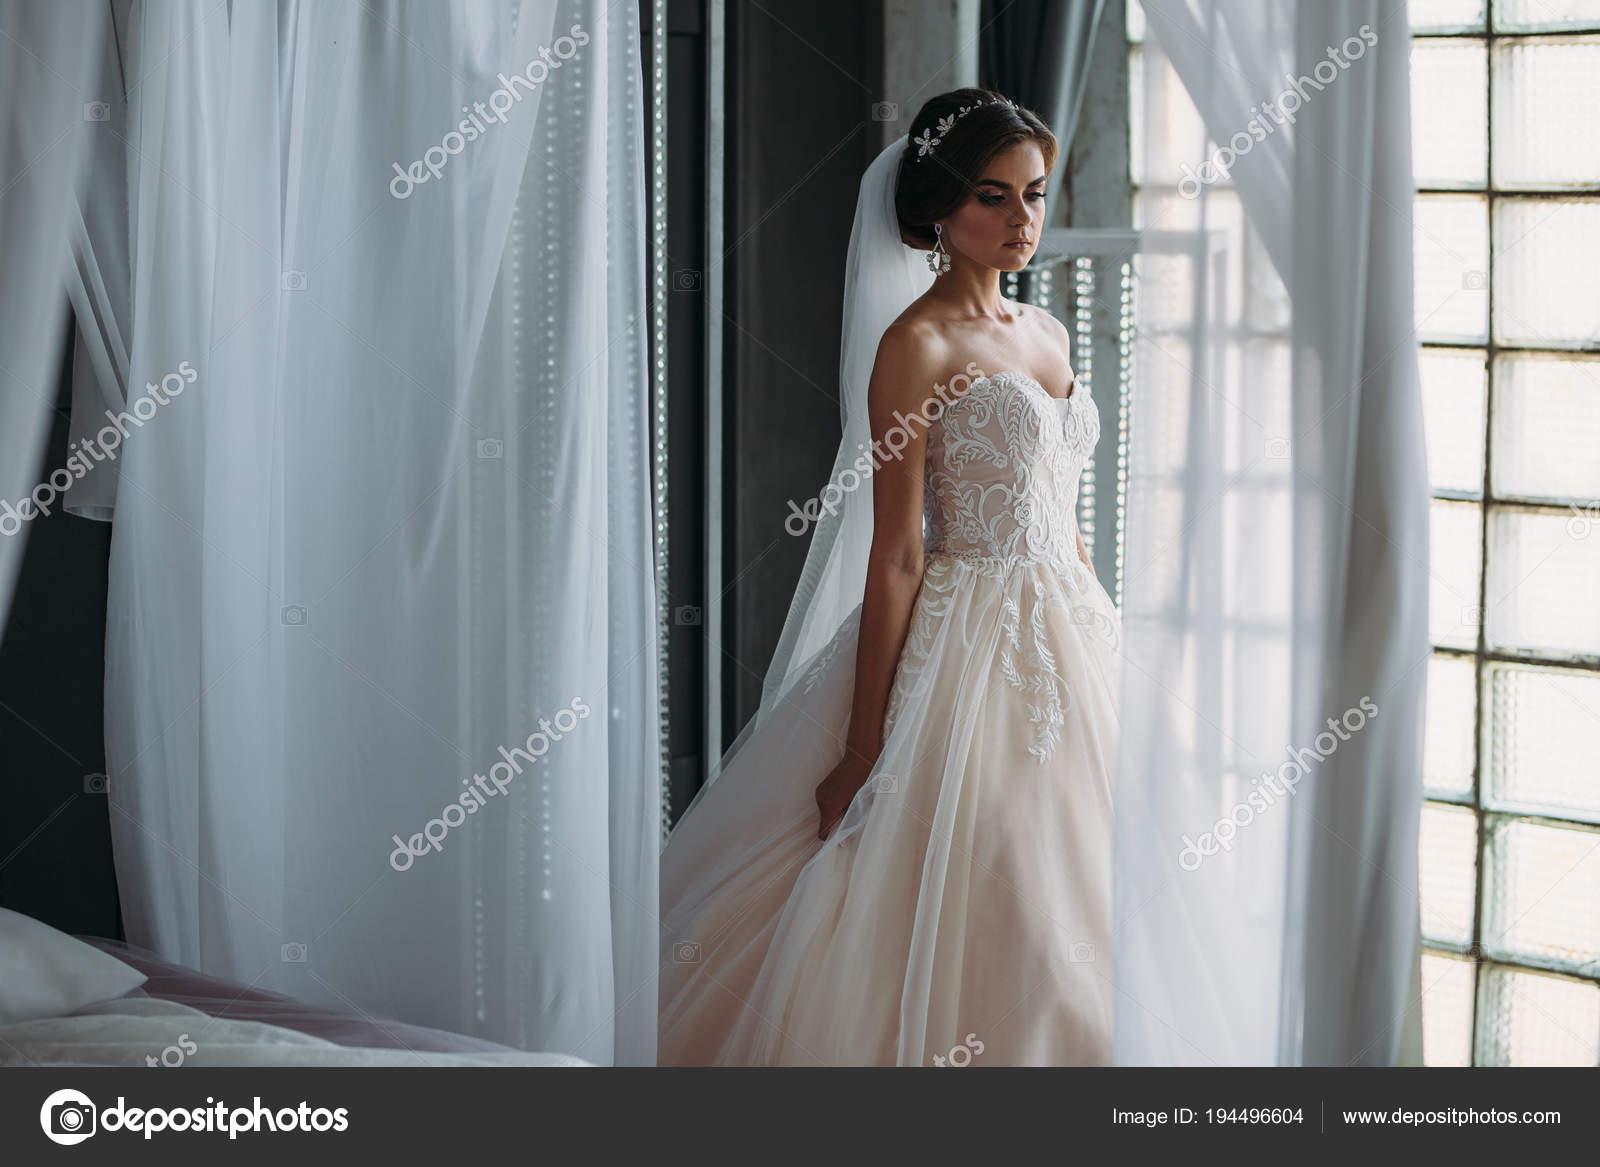 MariageBelle Une Préparation Journée Jeune La Sur De Mariée eWxordCBQ